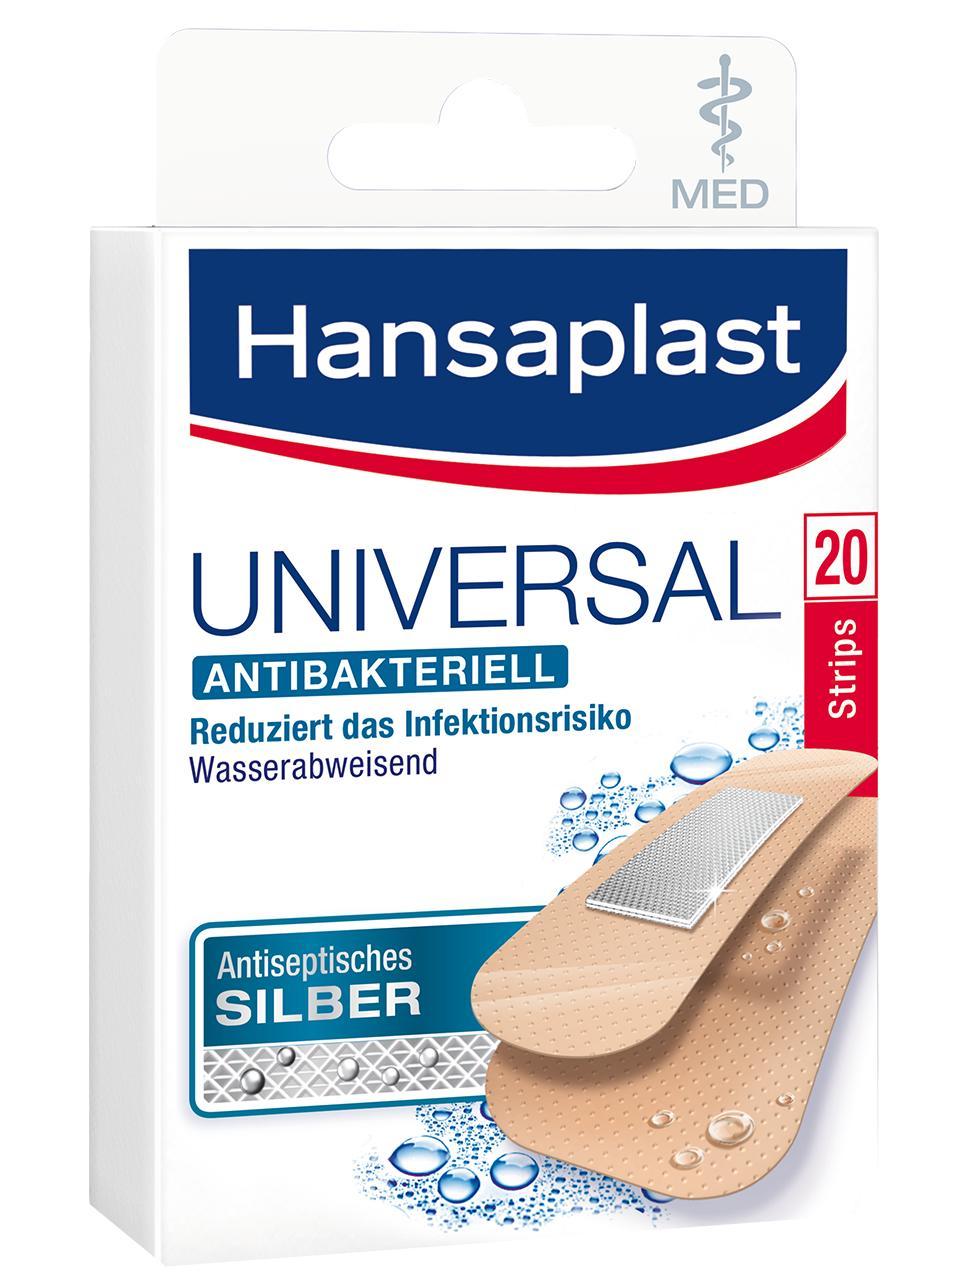 Hansaplast Universal MED antibakteriell Strips 20